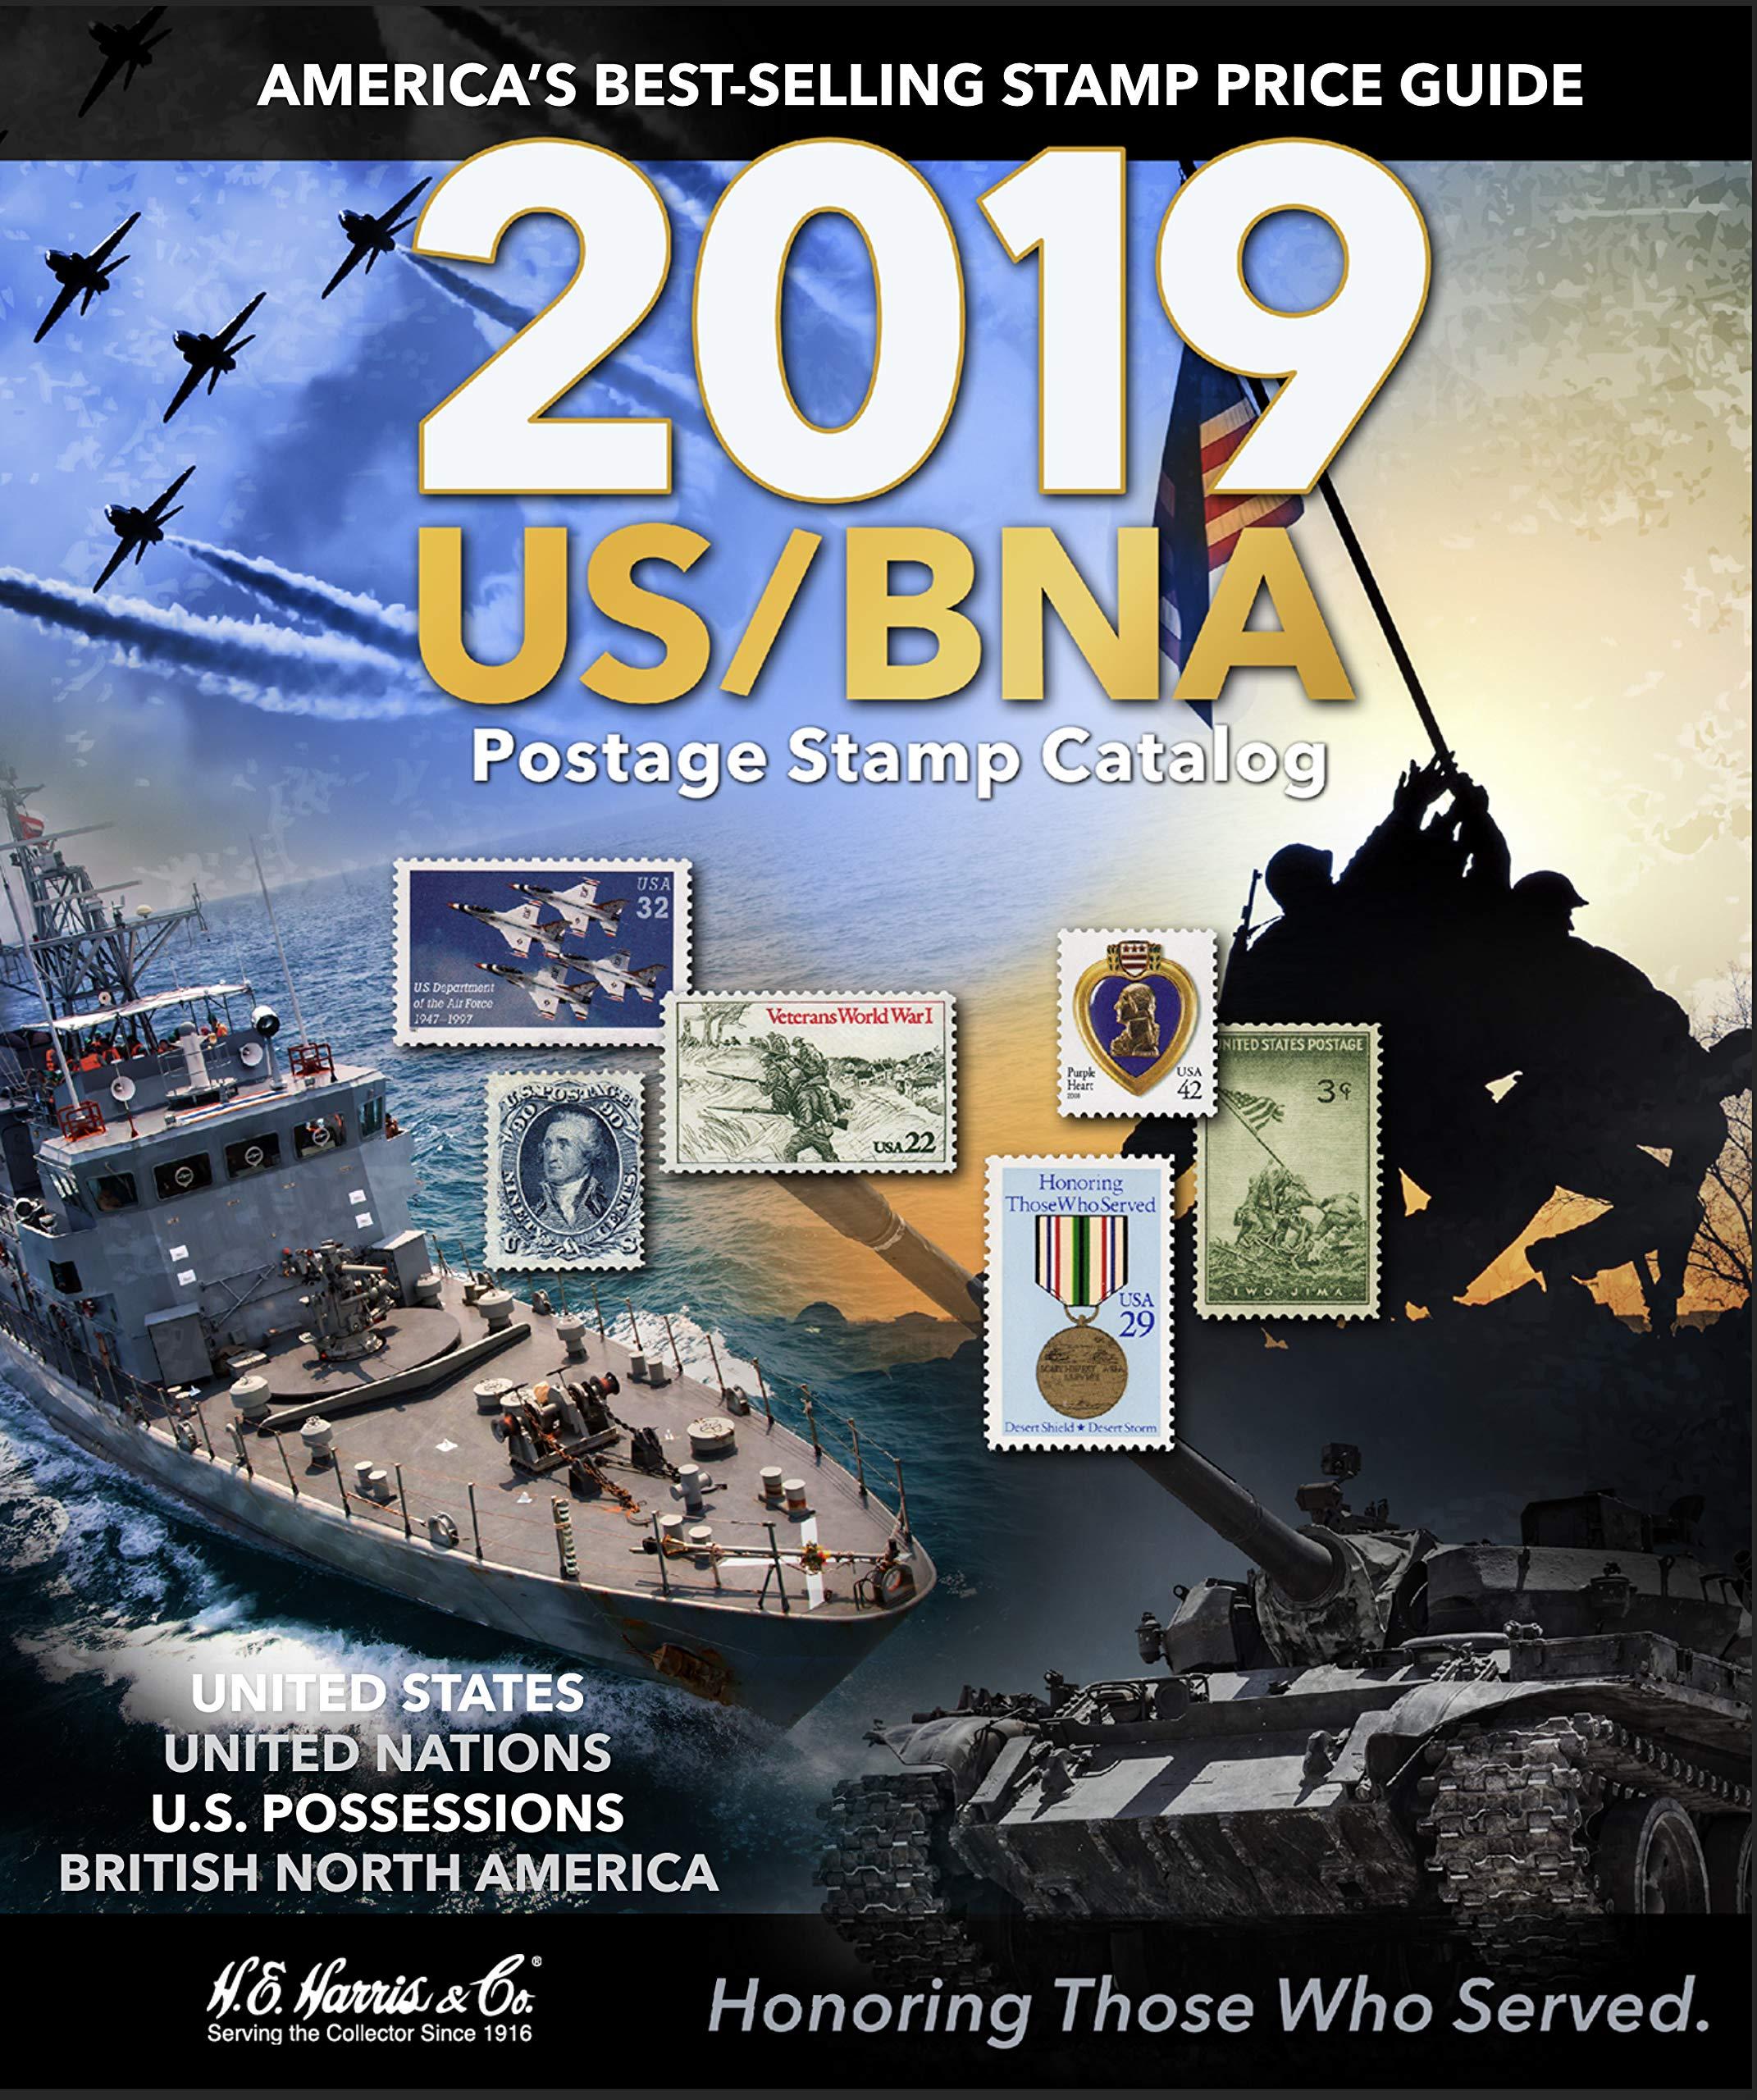 US/BNA 2019 Postage Stamp Catalog (US BNA Postage Stamp Catalog)